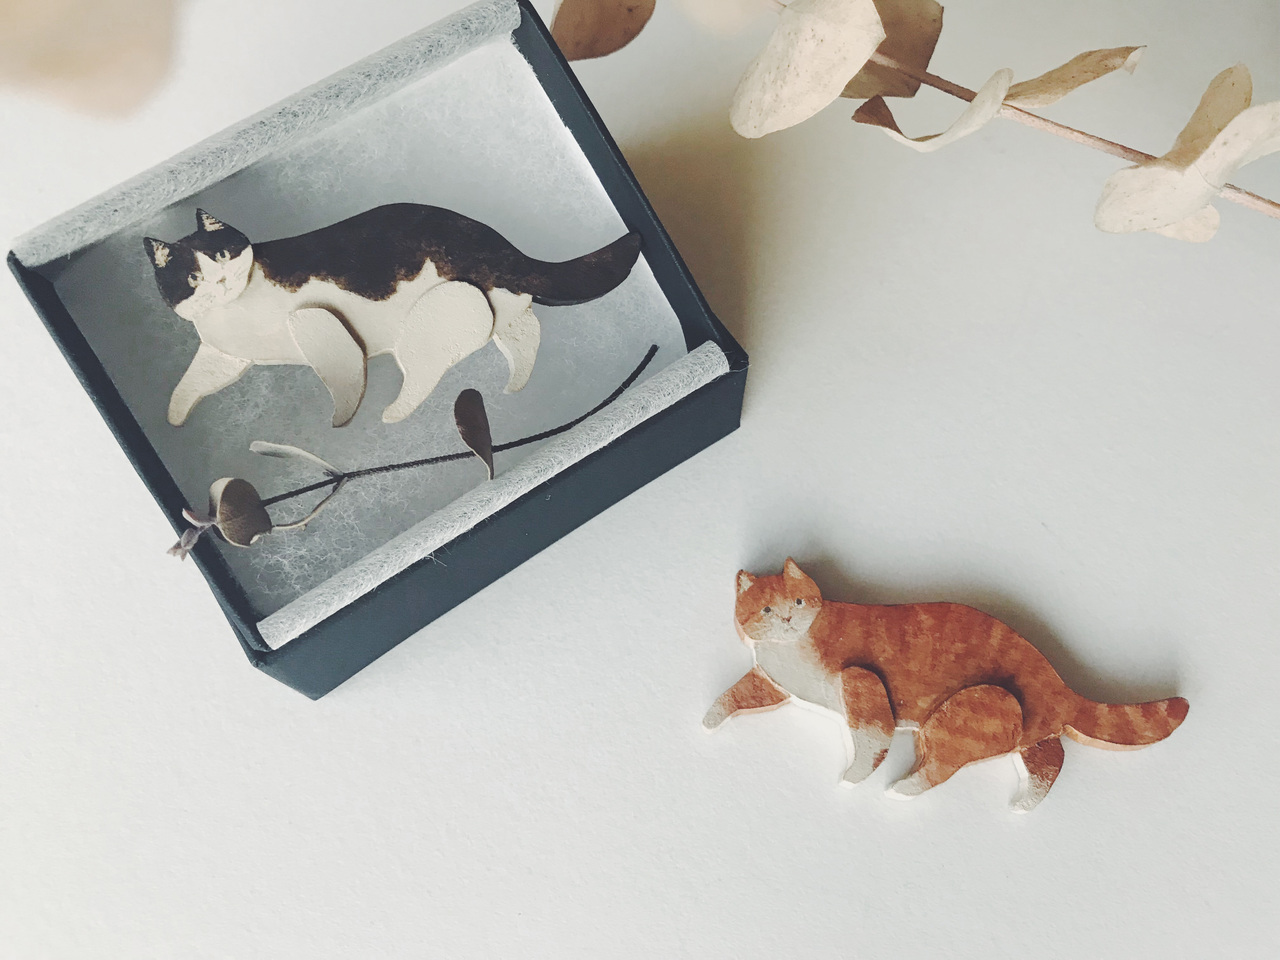 【ささきめぐみ個展「ねむけ」】ブローチ受注会「お宅のネコをつくります」@手紙舎鎌倉店